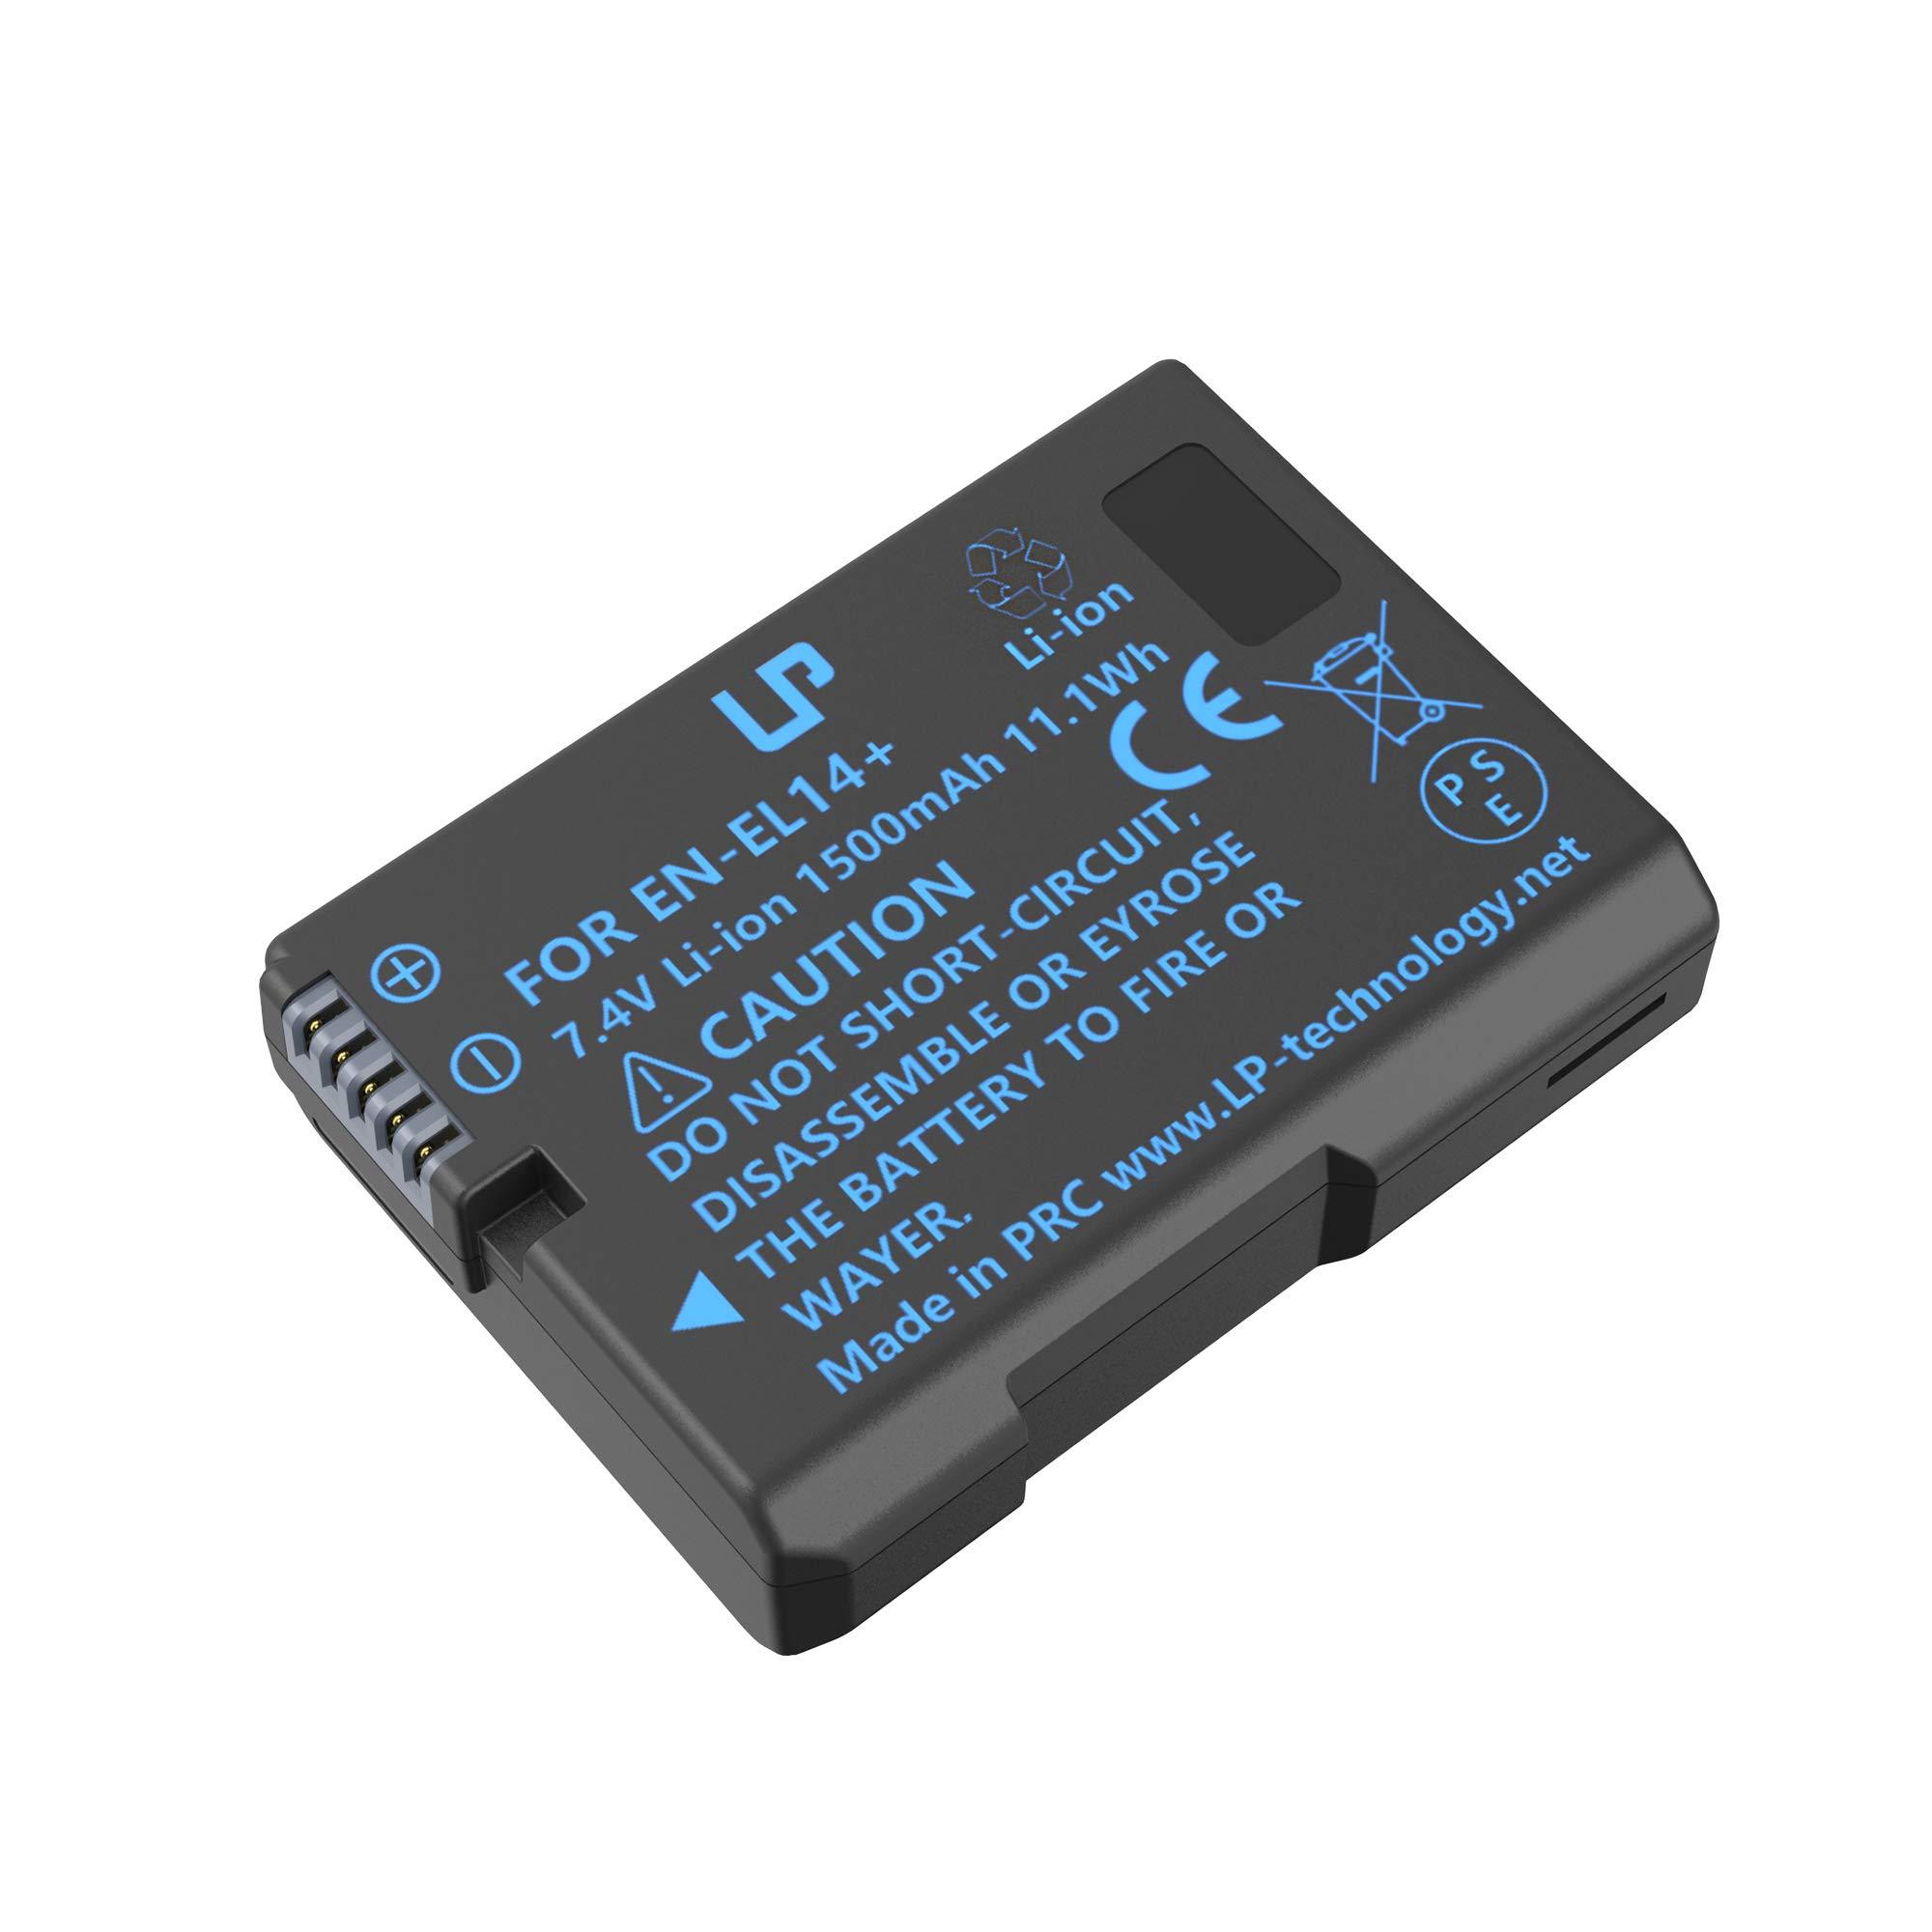 LP EN-EL14 EN EL14a Battery, Compatible with Nikon D3100, D3200, D3300, D3400, D3500, D5100, D5200, D5300, D5500, D5600, DF, P7000, P7700 & More